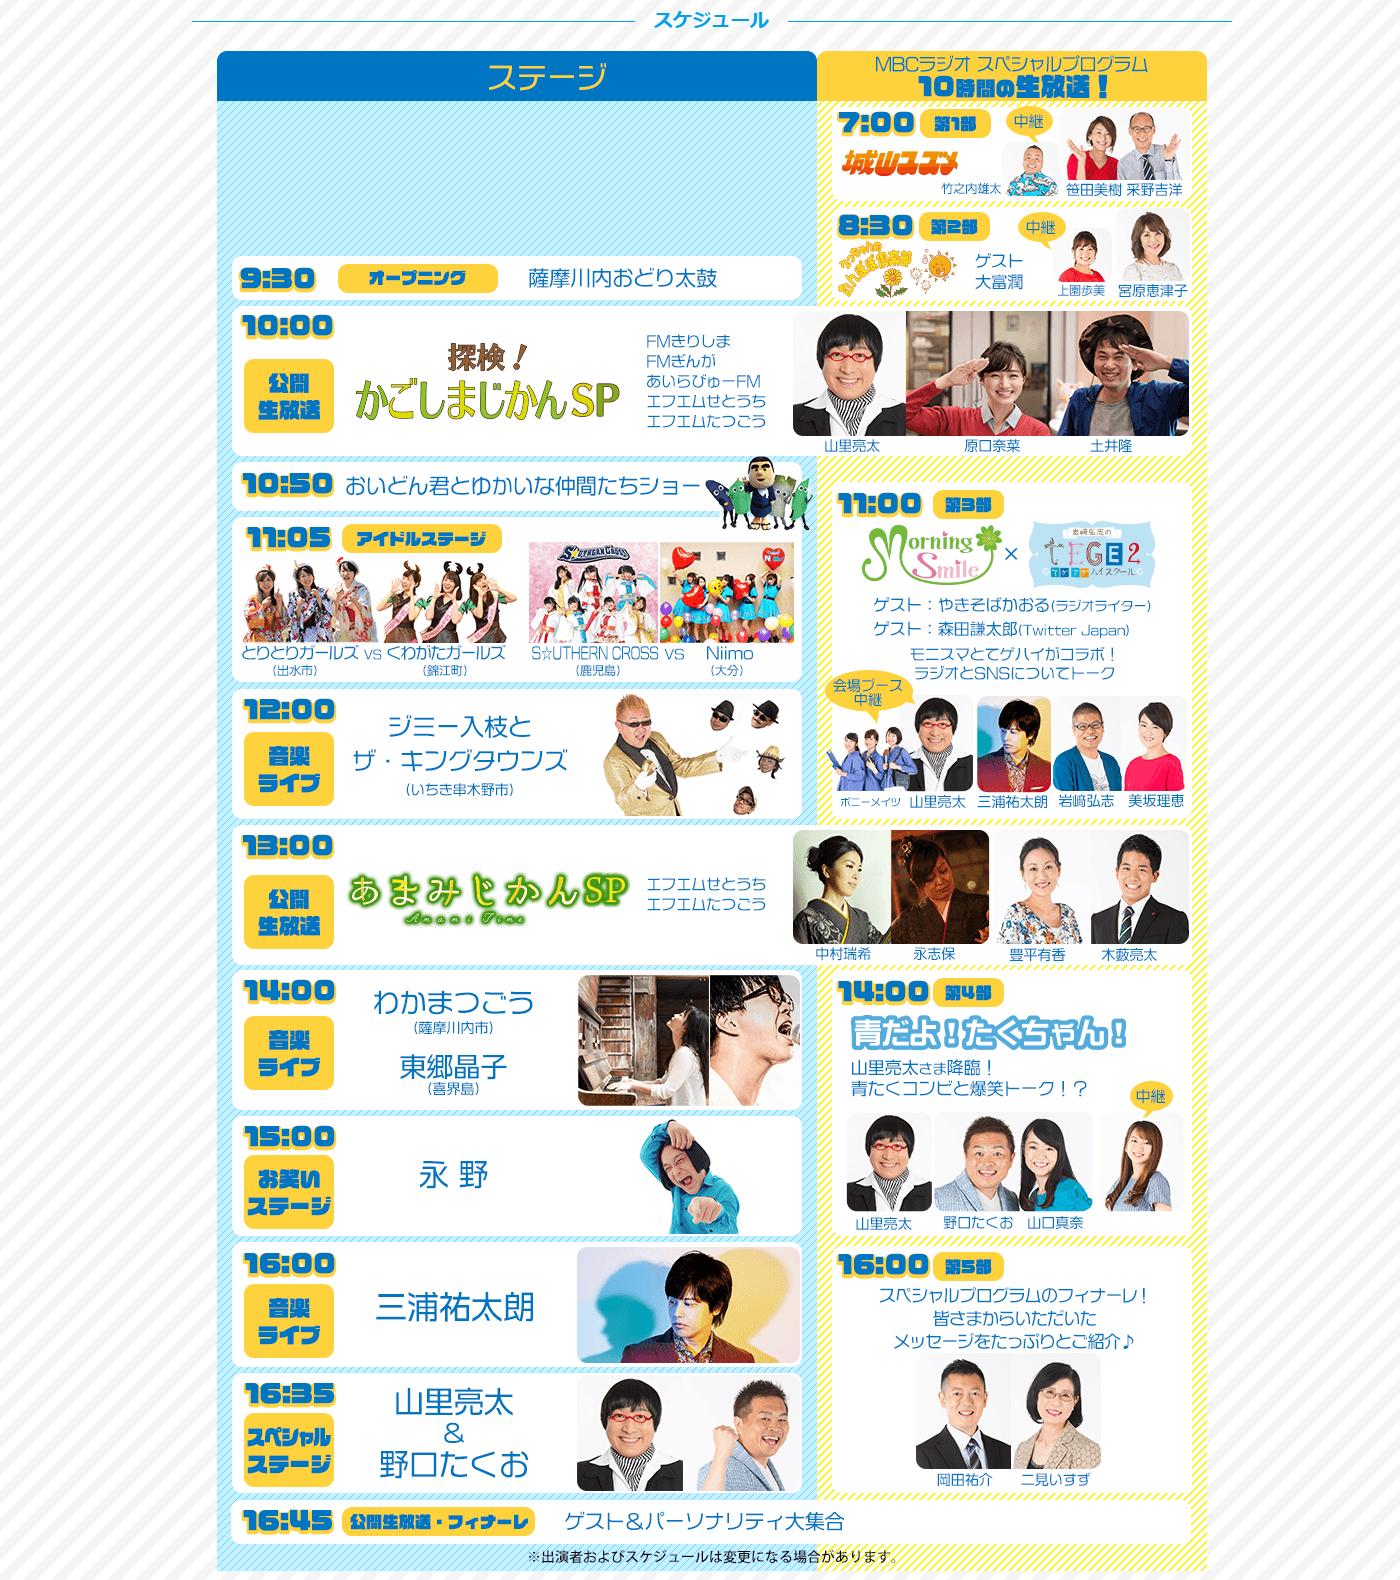 MBCラジオまつりスケジュール